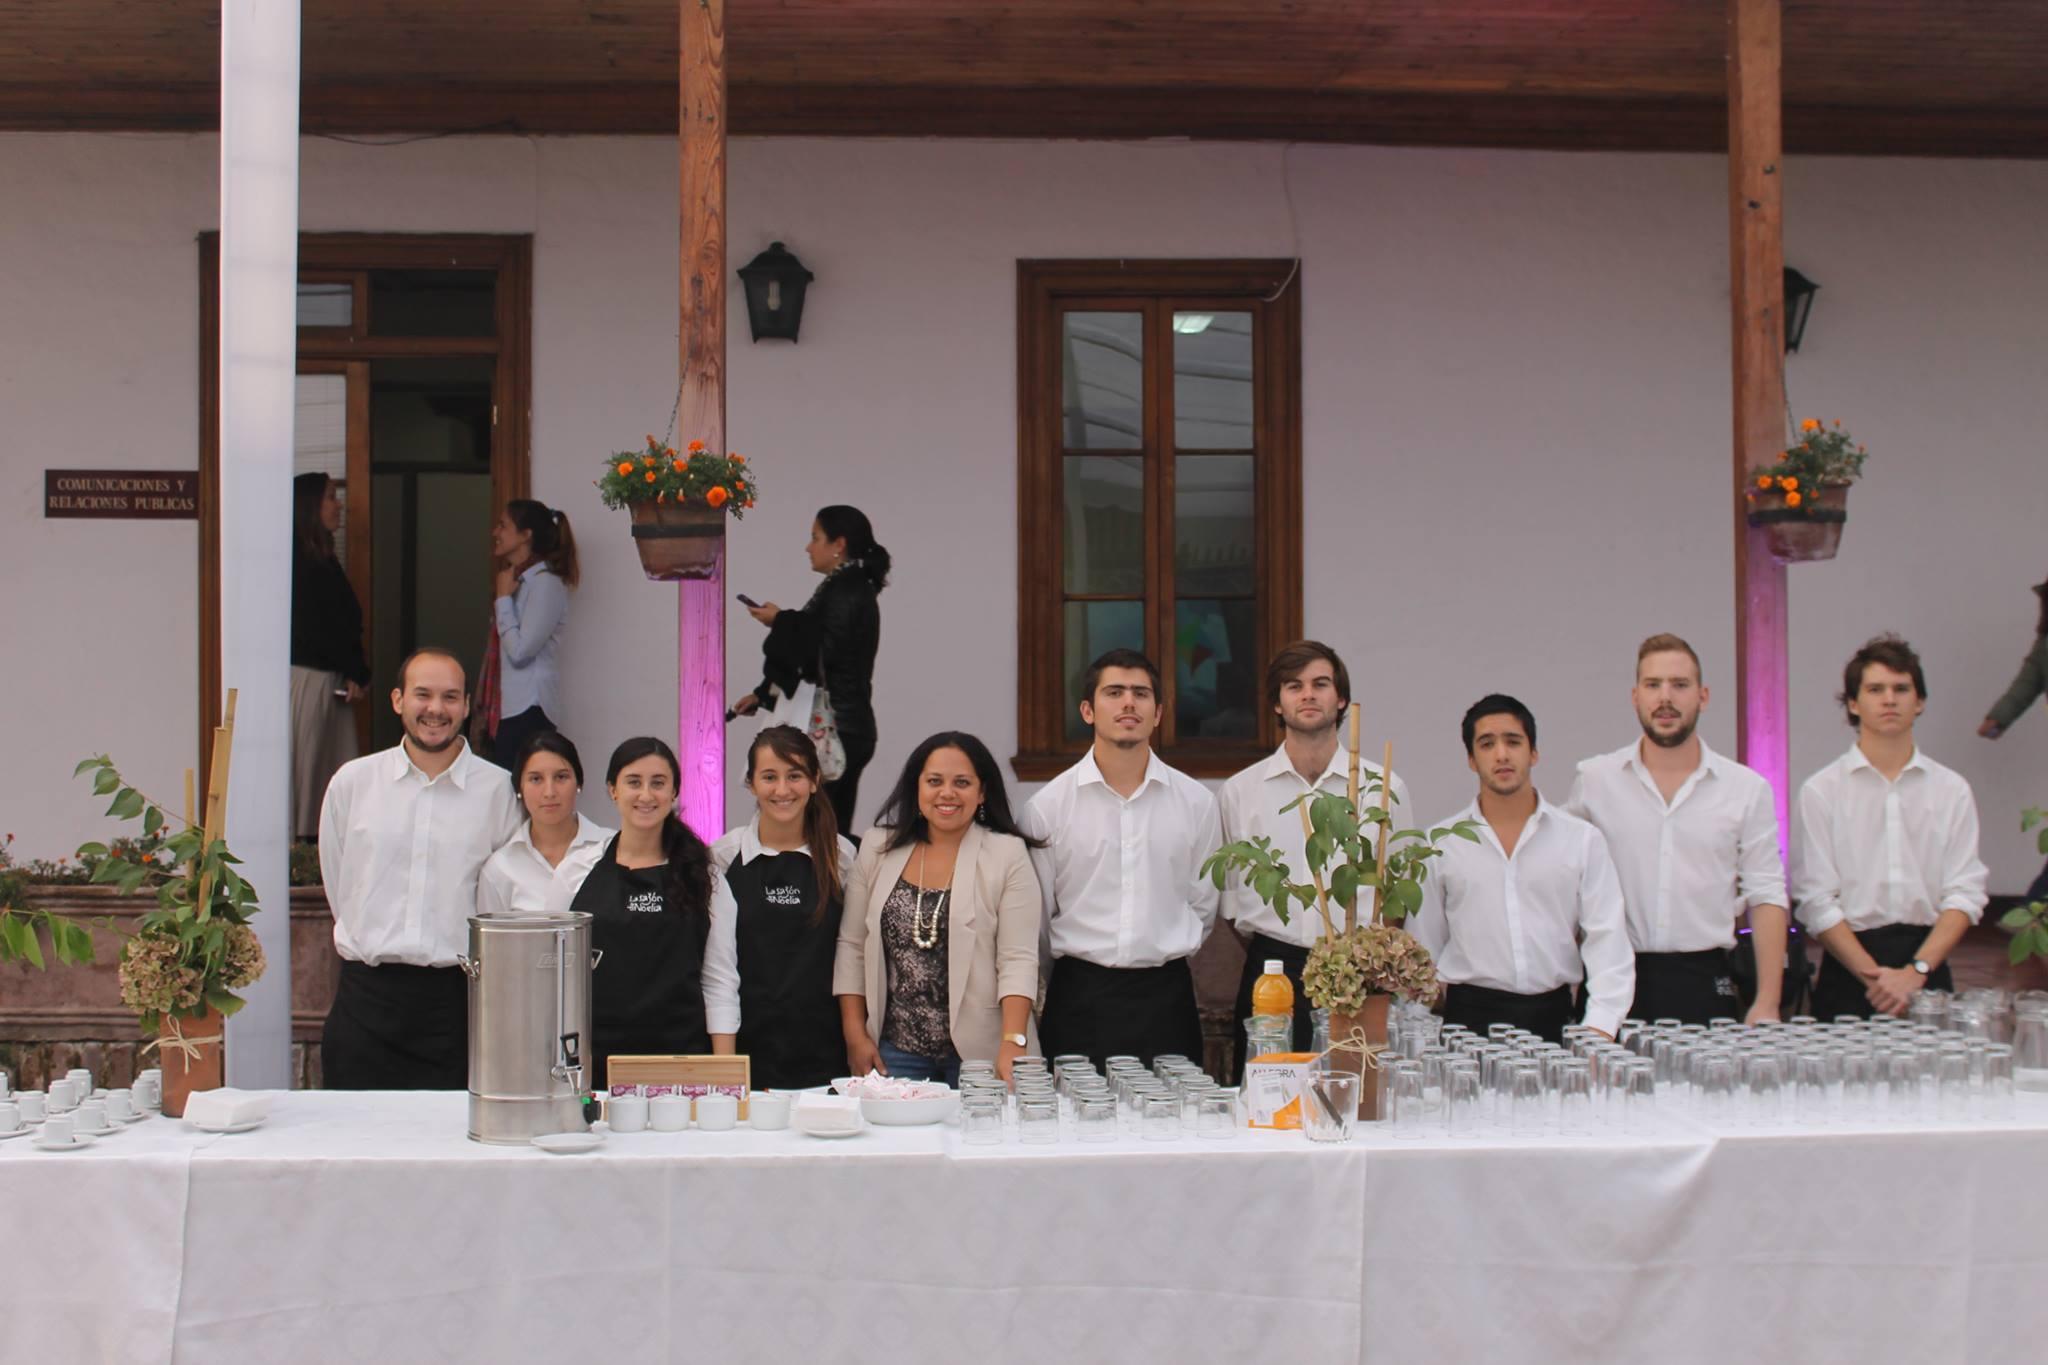 Banqueteria 1